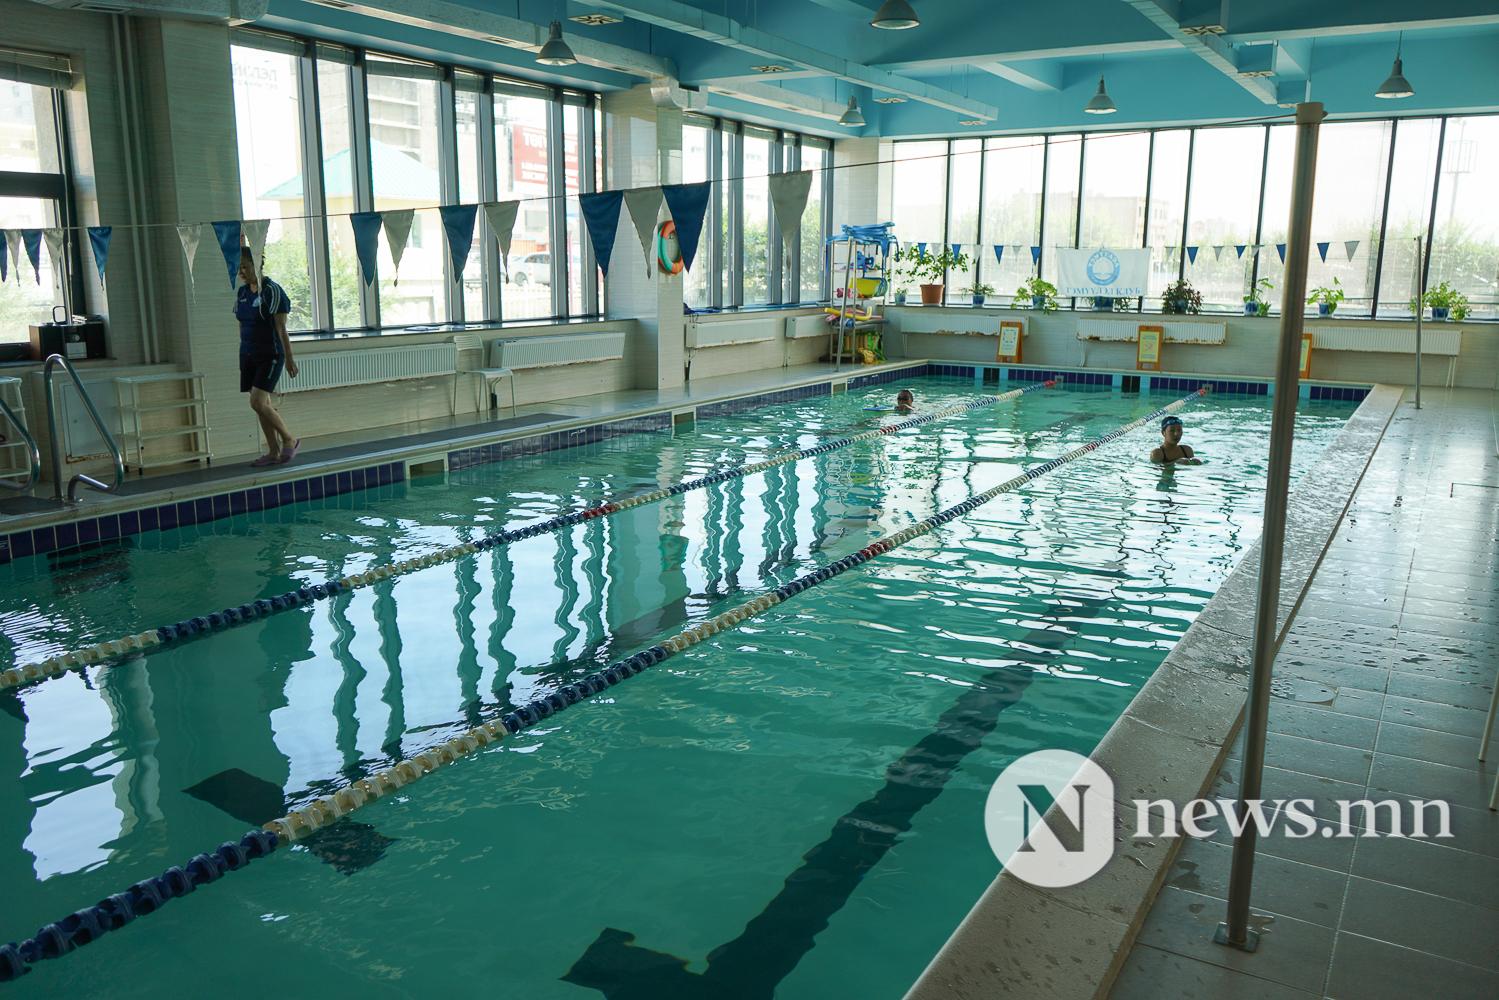 Усан спорт сургалтын төвүүд (15 of 20)